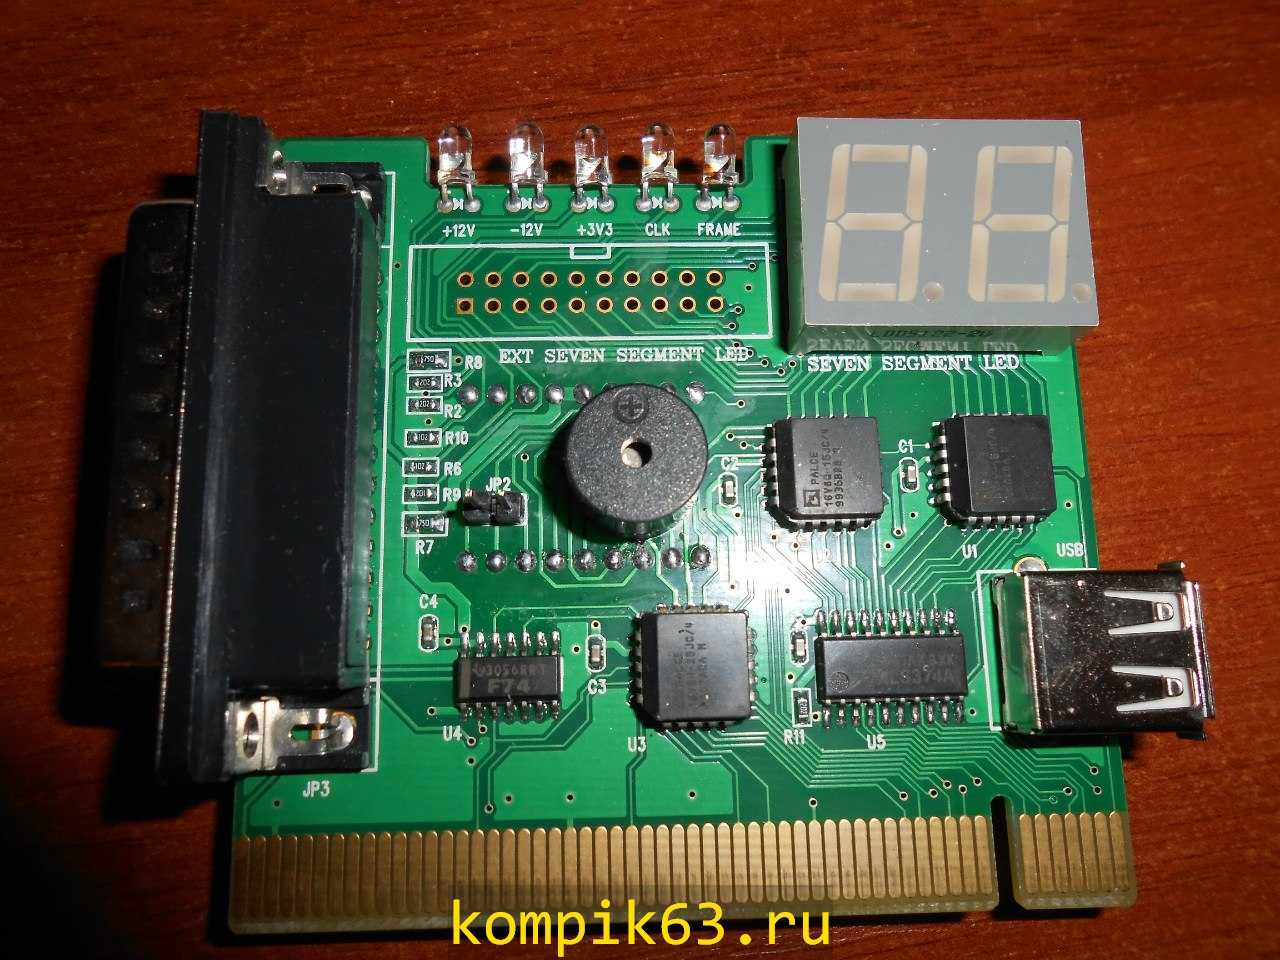 kompik63.ru-045